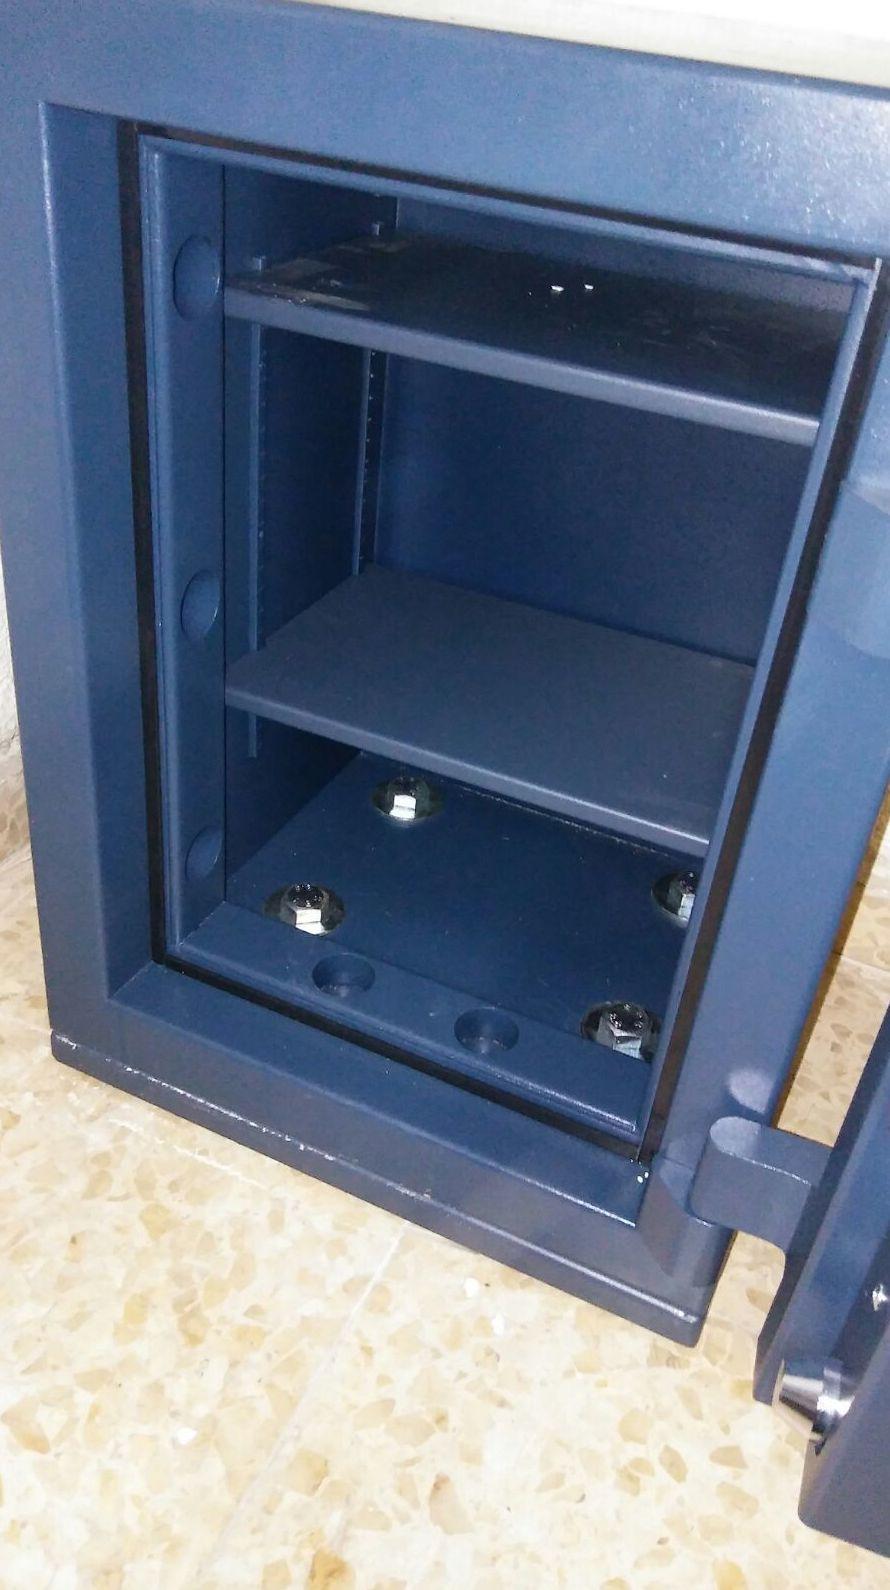 Anclajes para cajas fuertes Madrid